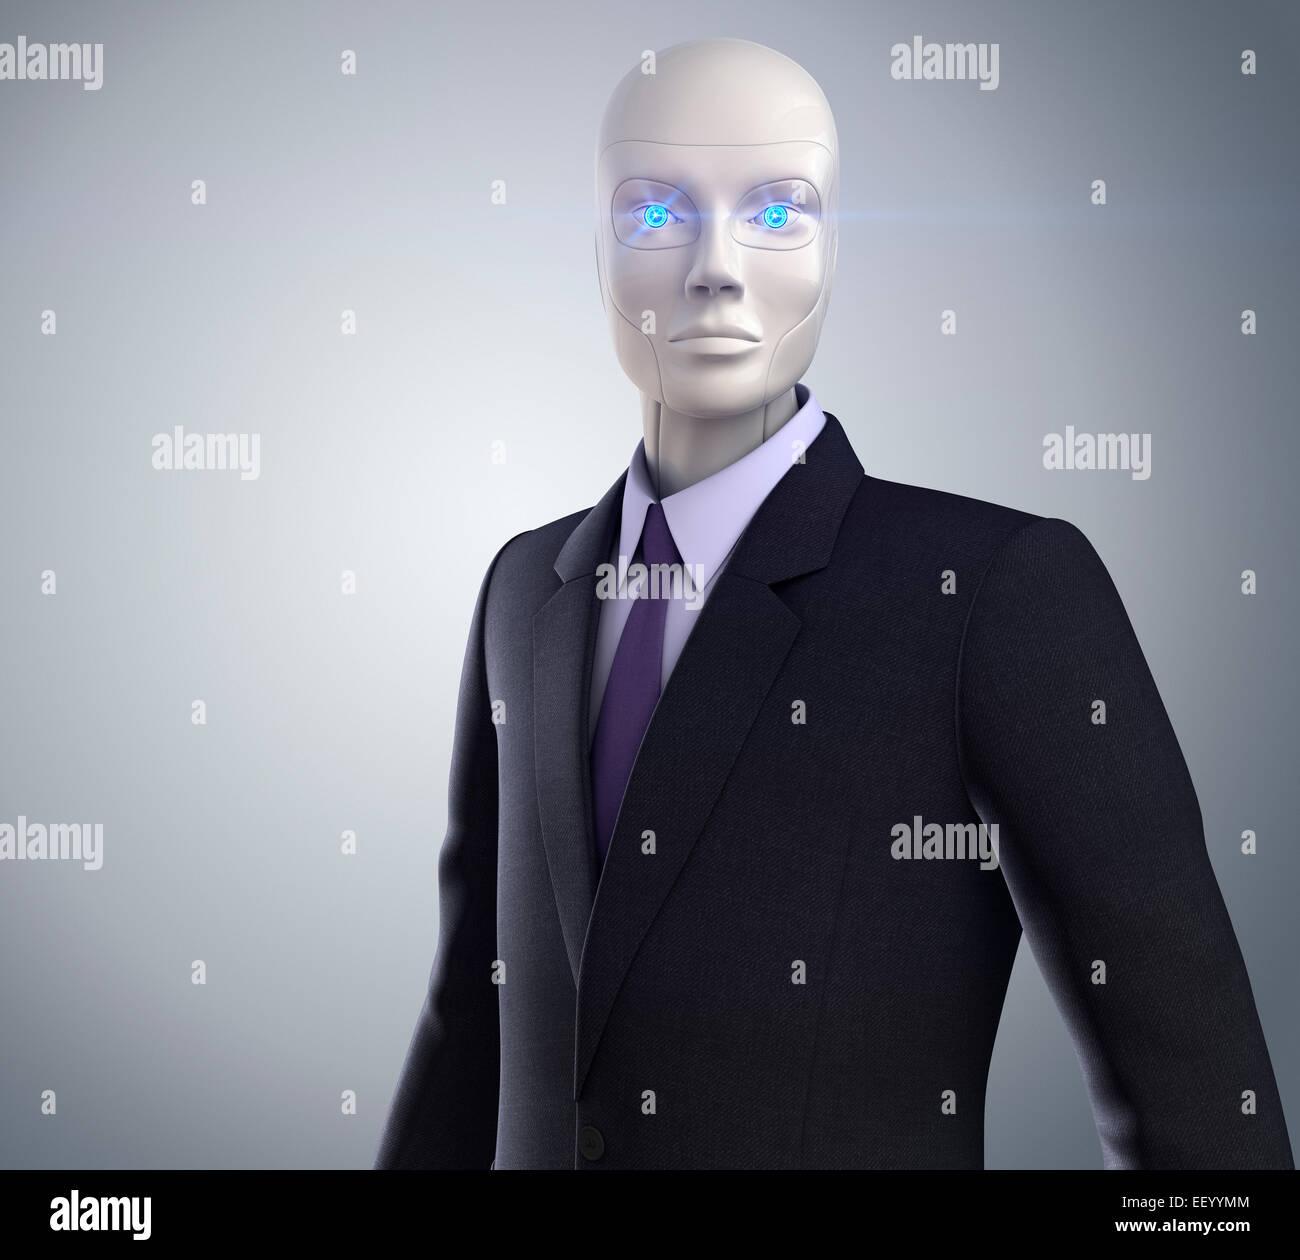 Roboter in einem Business-Anzug gekleidet Stockbild